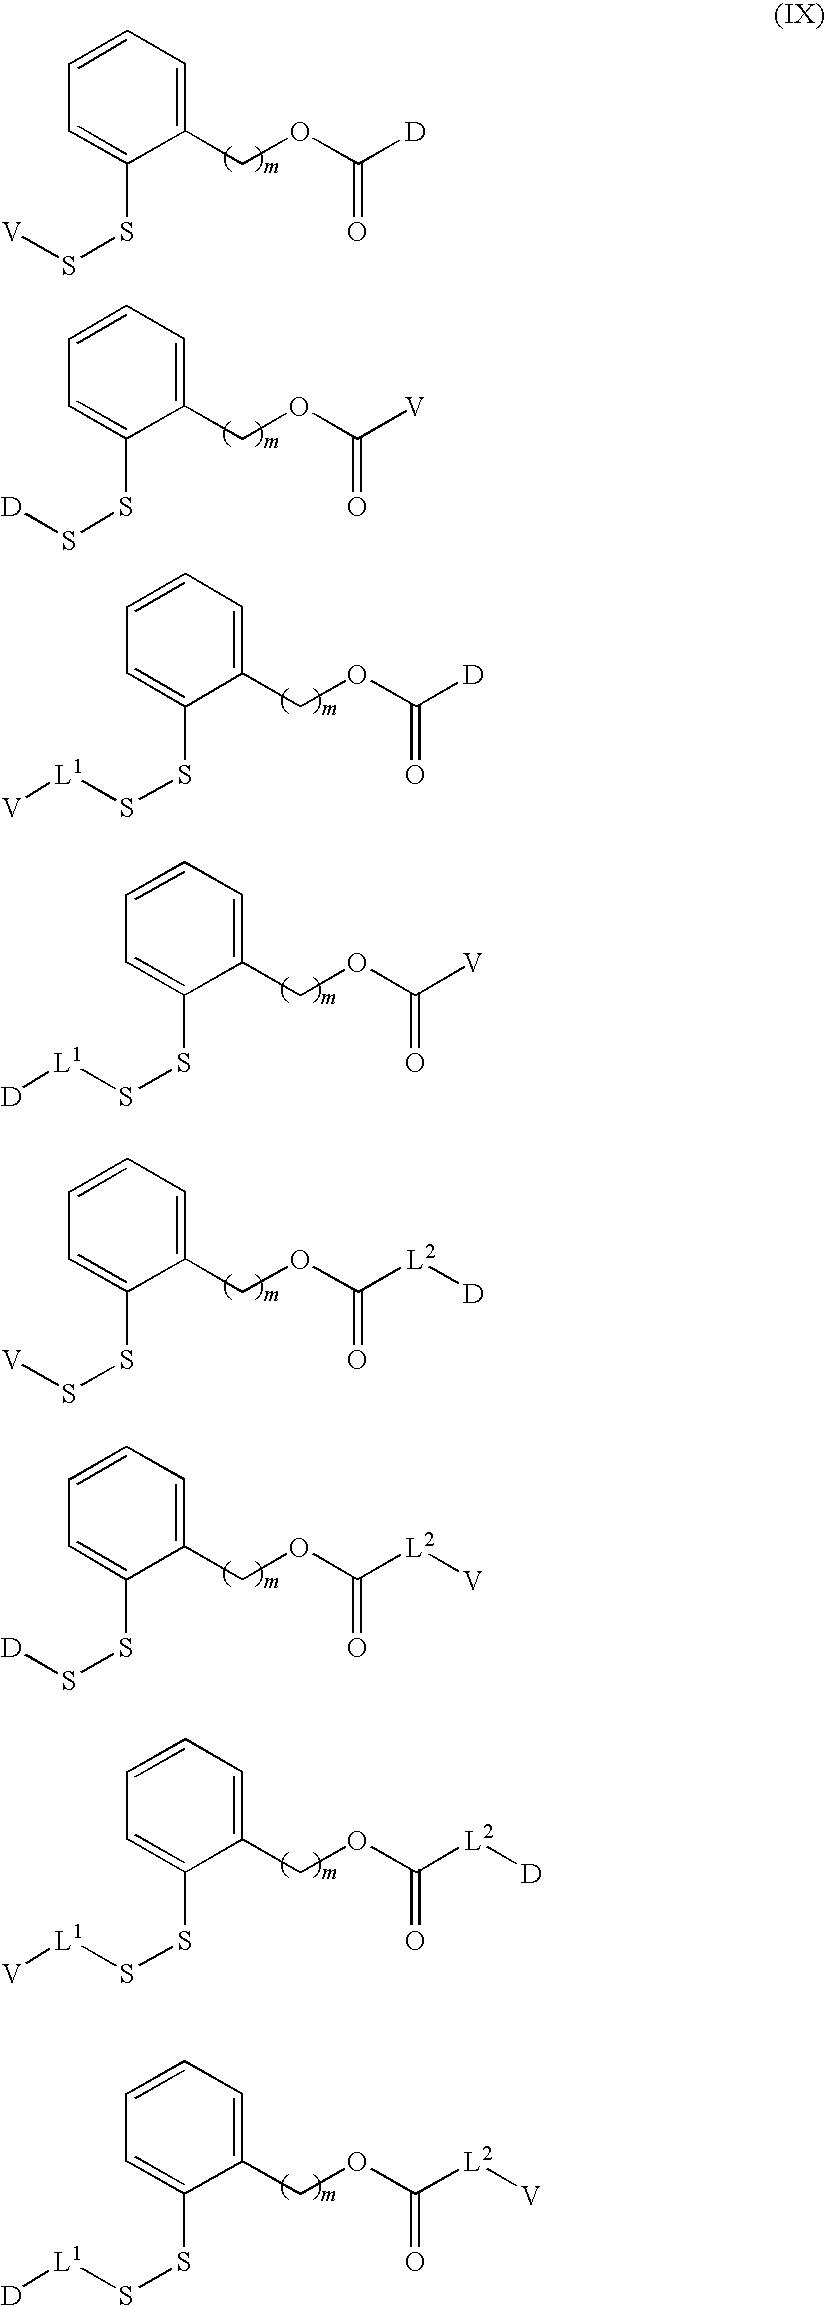 Figure US08288557-20121016-C00006